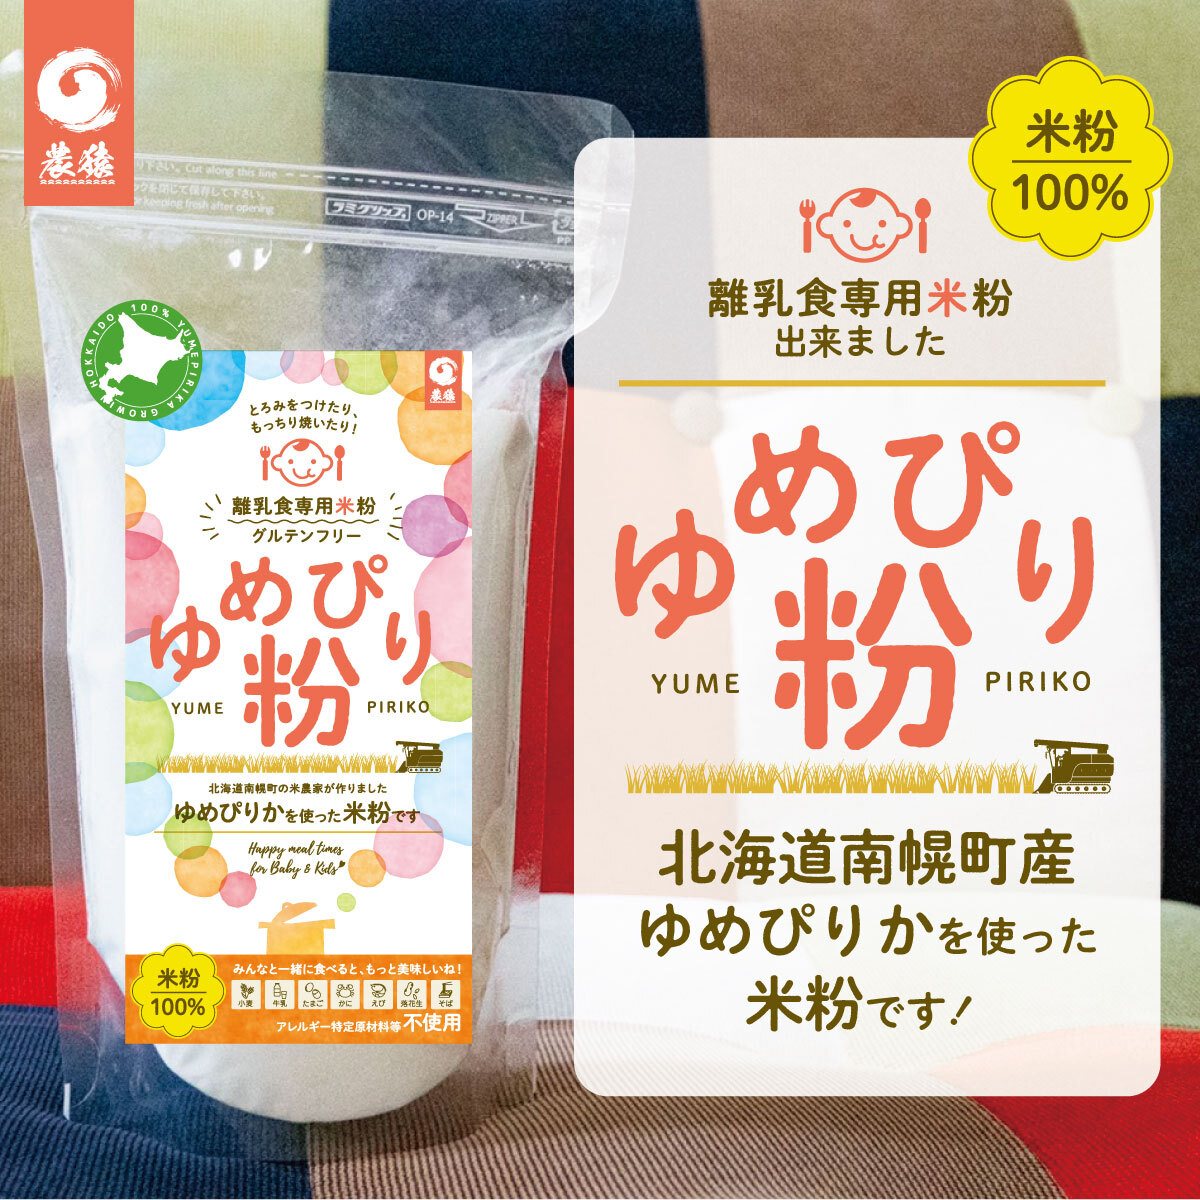 赤ちゃんとママさんパパさん安心の離乳食専用米粉「ゆめぴり粉」(400g)